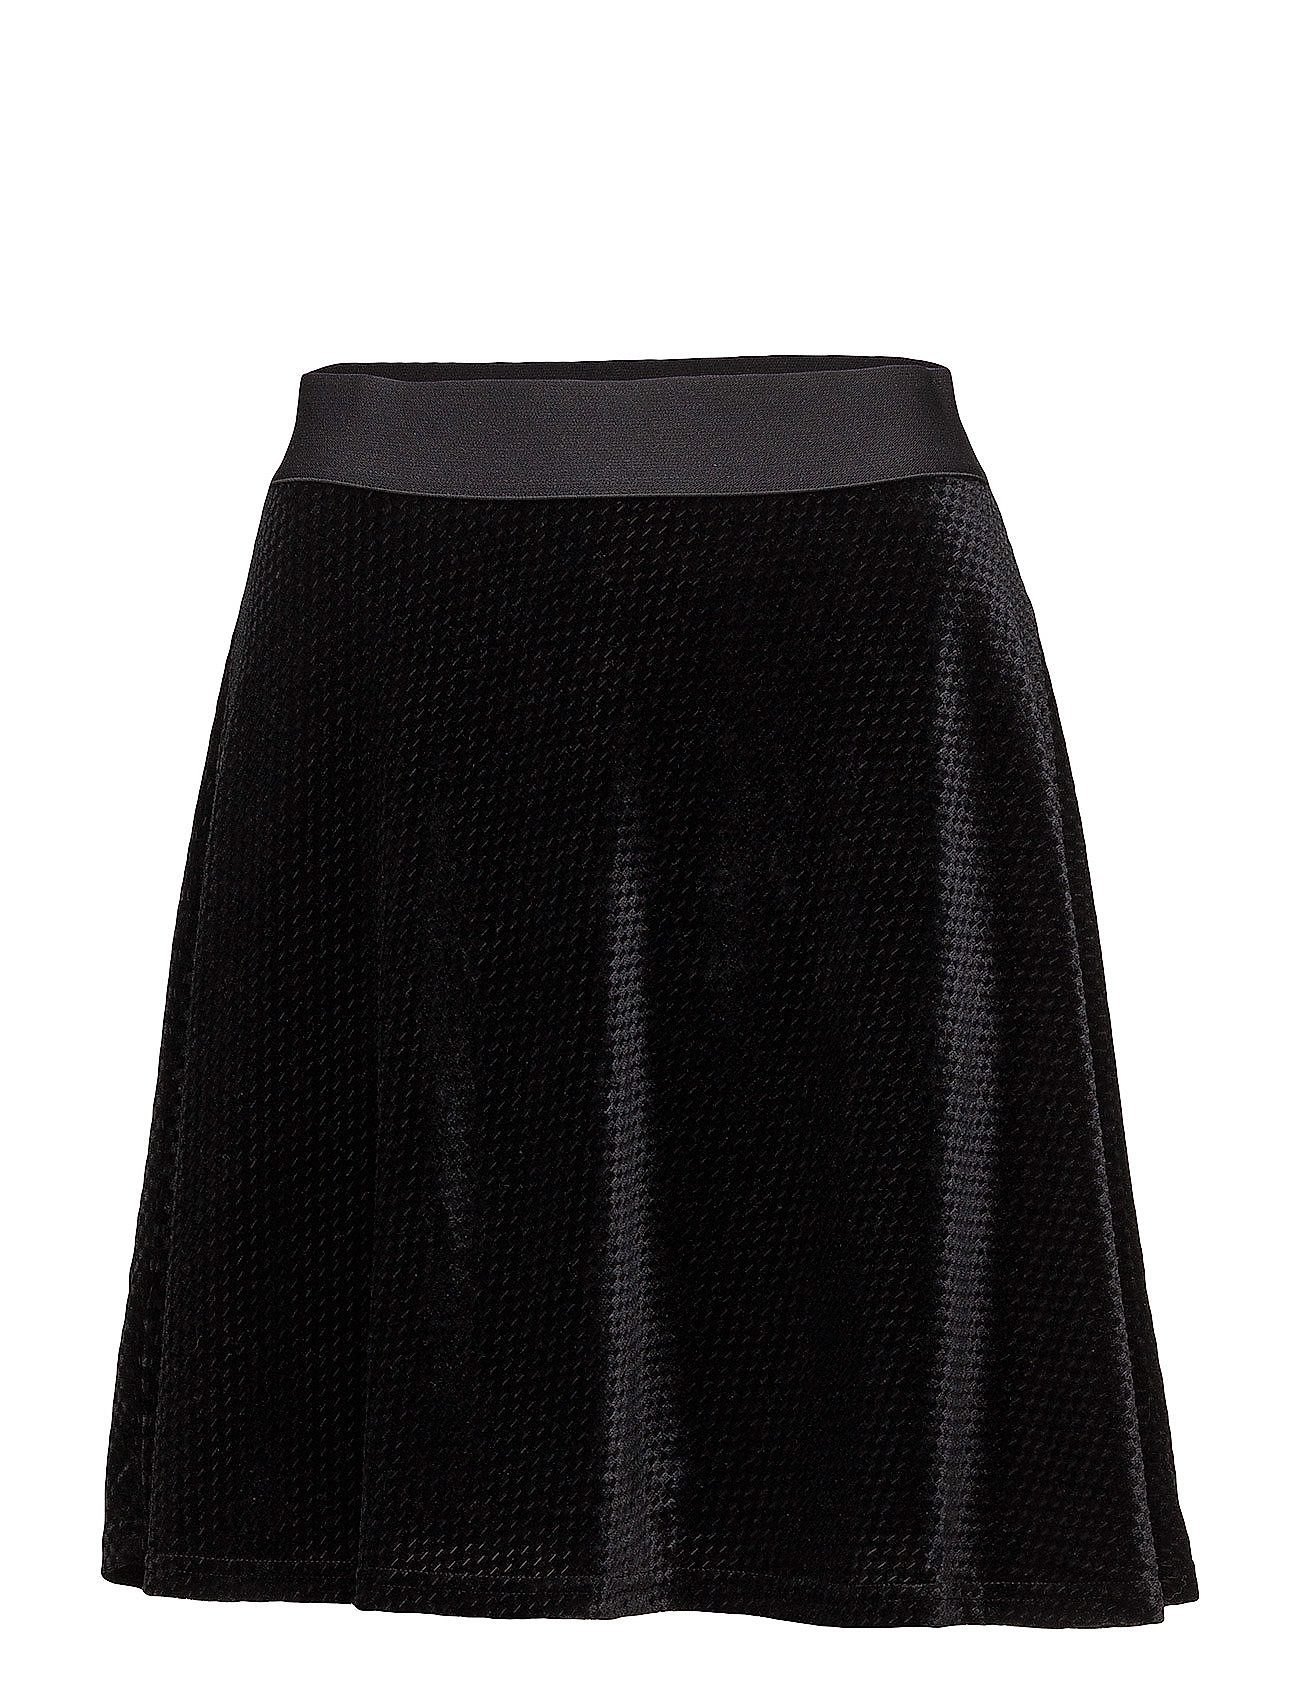 Image of Check Velvet Skater Skirt (2817572483)